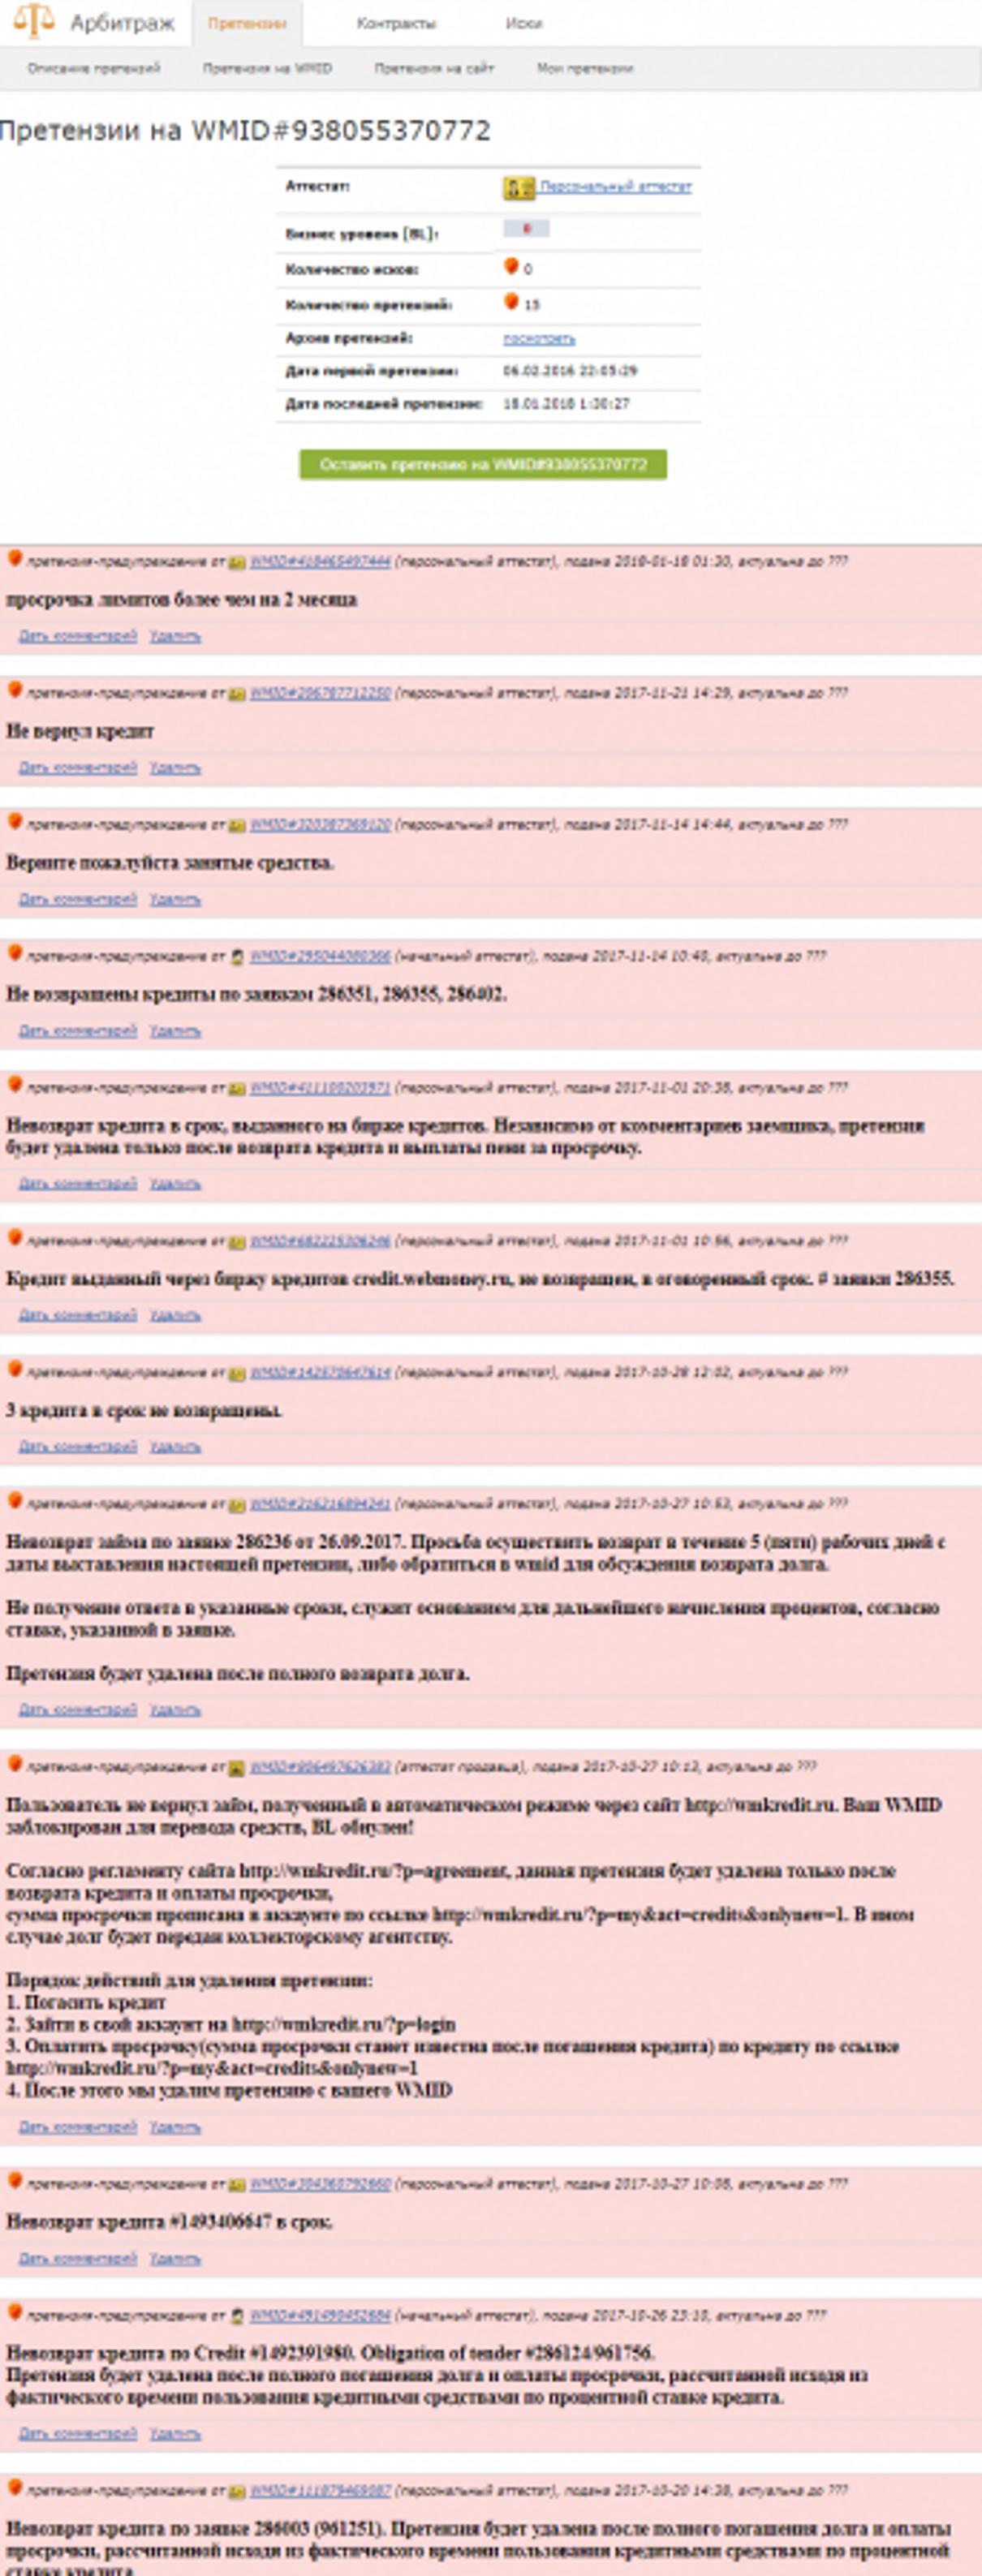 Жалоба-отзыв: Квасов Алексей Николаевич - Набрал займов и скрылся.  Фото №3